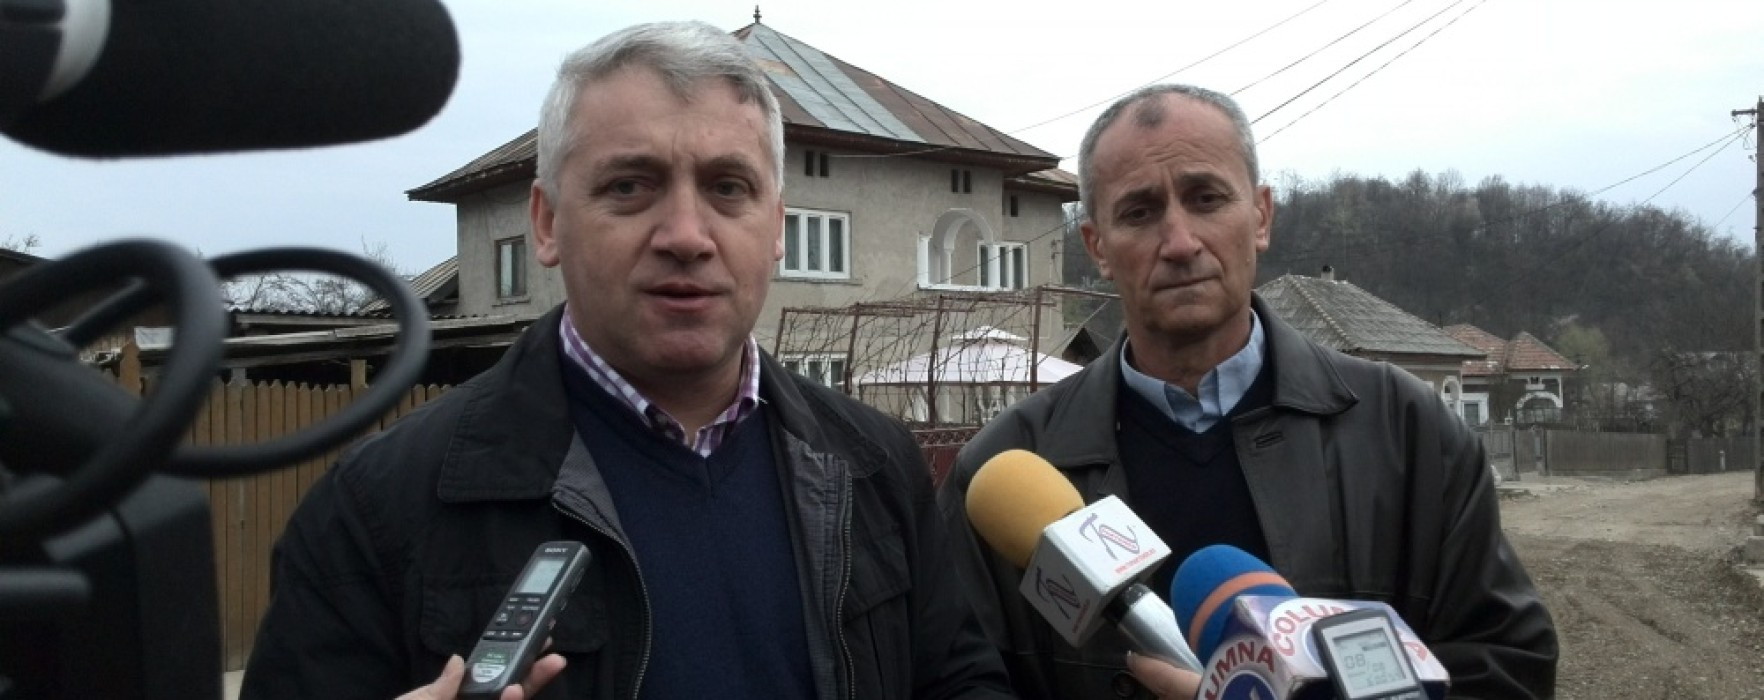 Drumuri comunale din Tătărani, asfaltate prin parteneriat consiliul local – Consiliul Judeţean Dâmboviţa